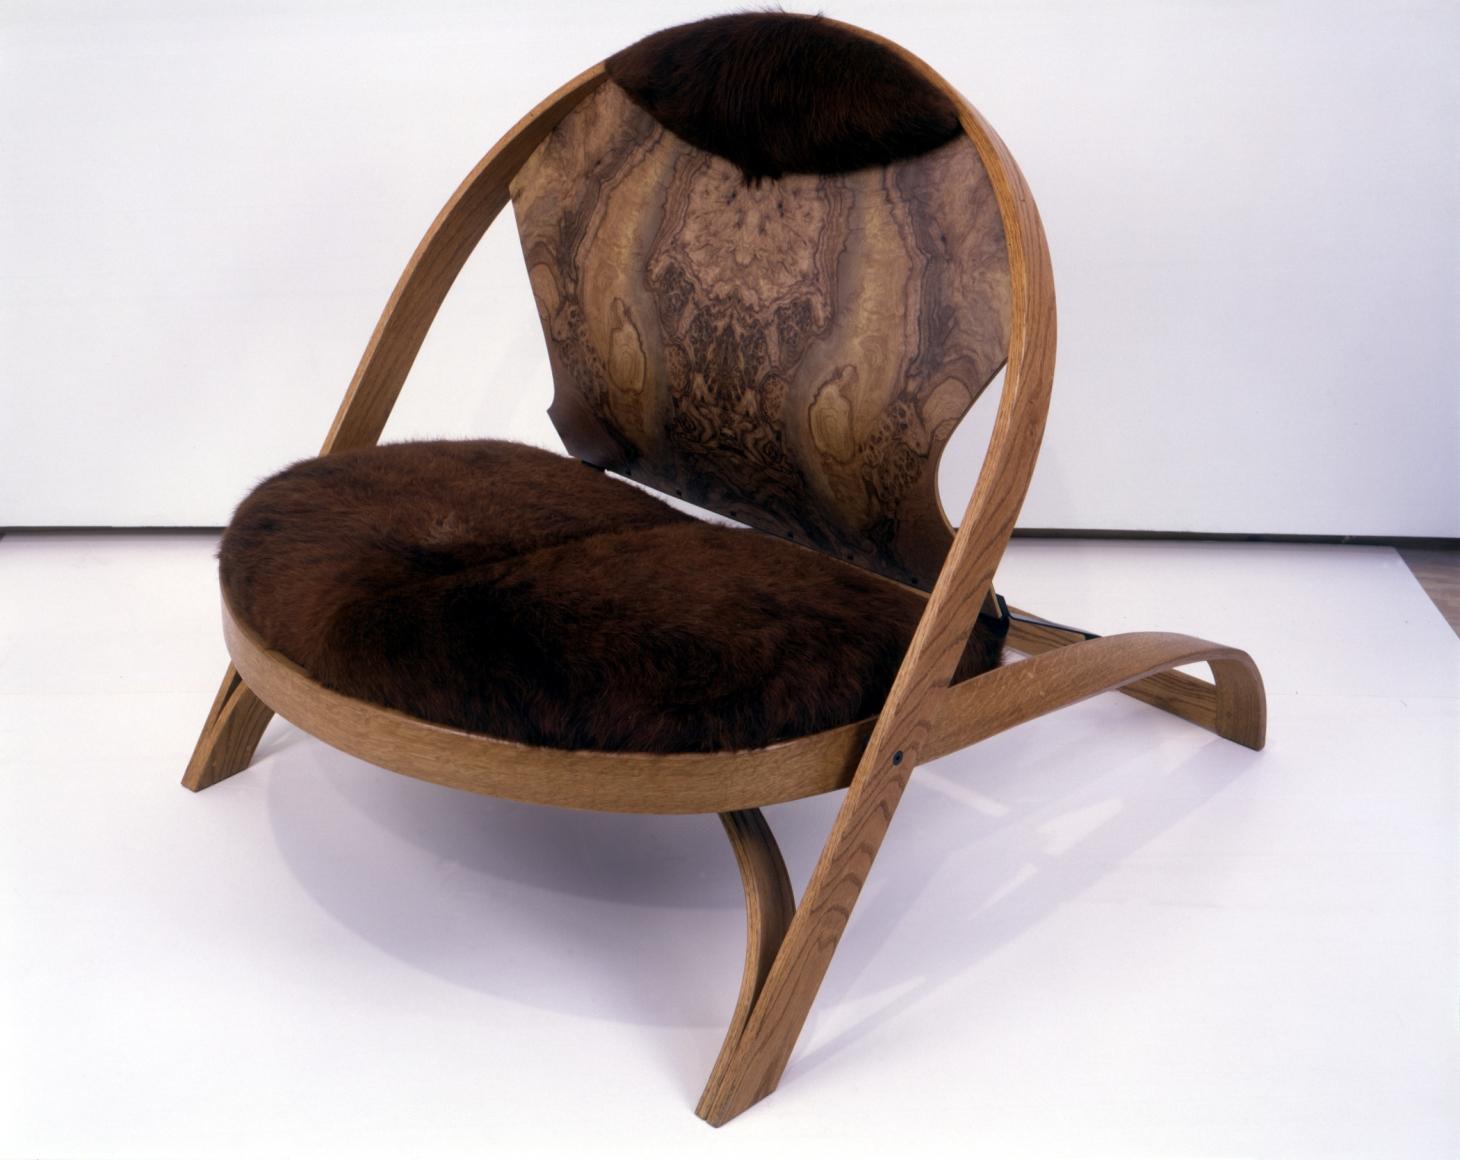 RICHARD ARTSCHWAGER, Chair/Chair, 1987-90